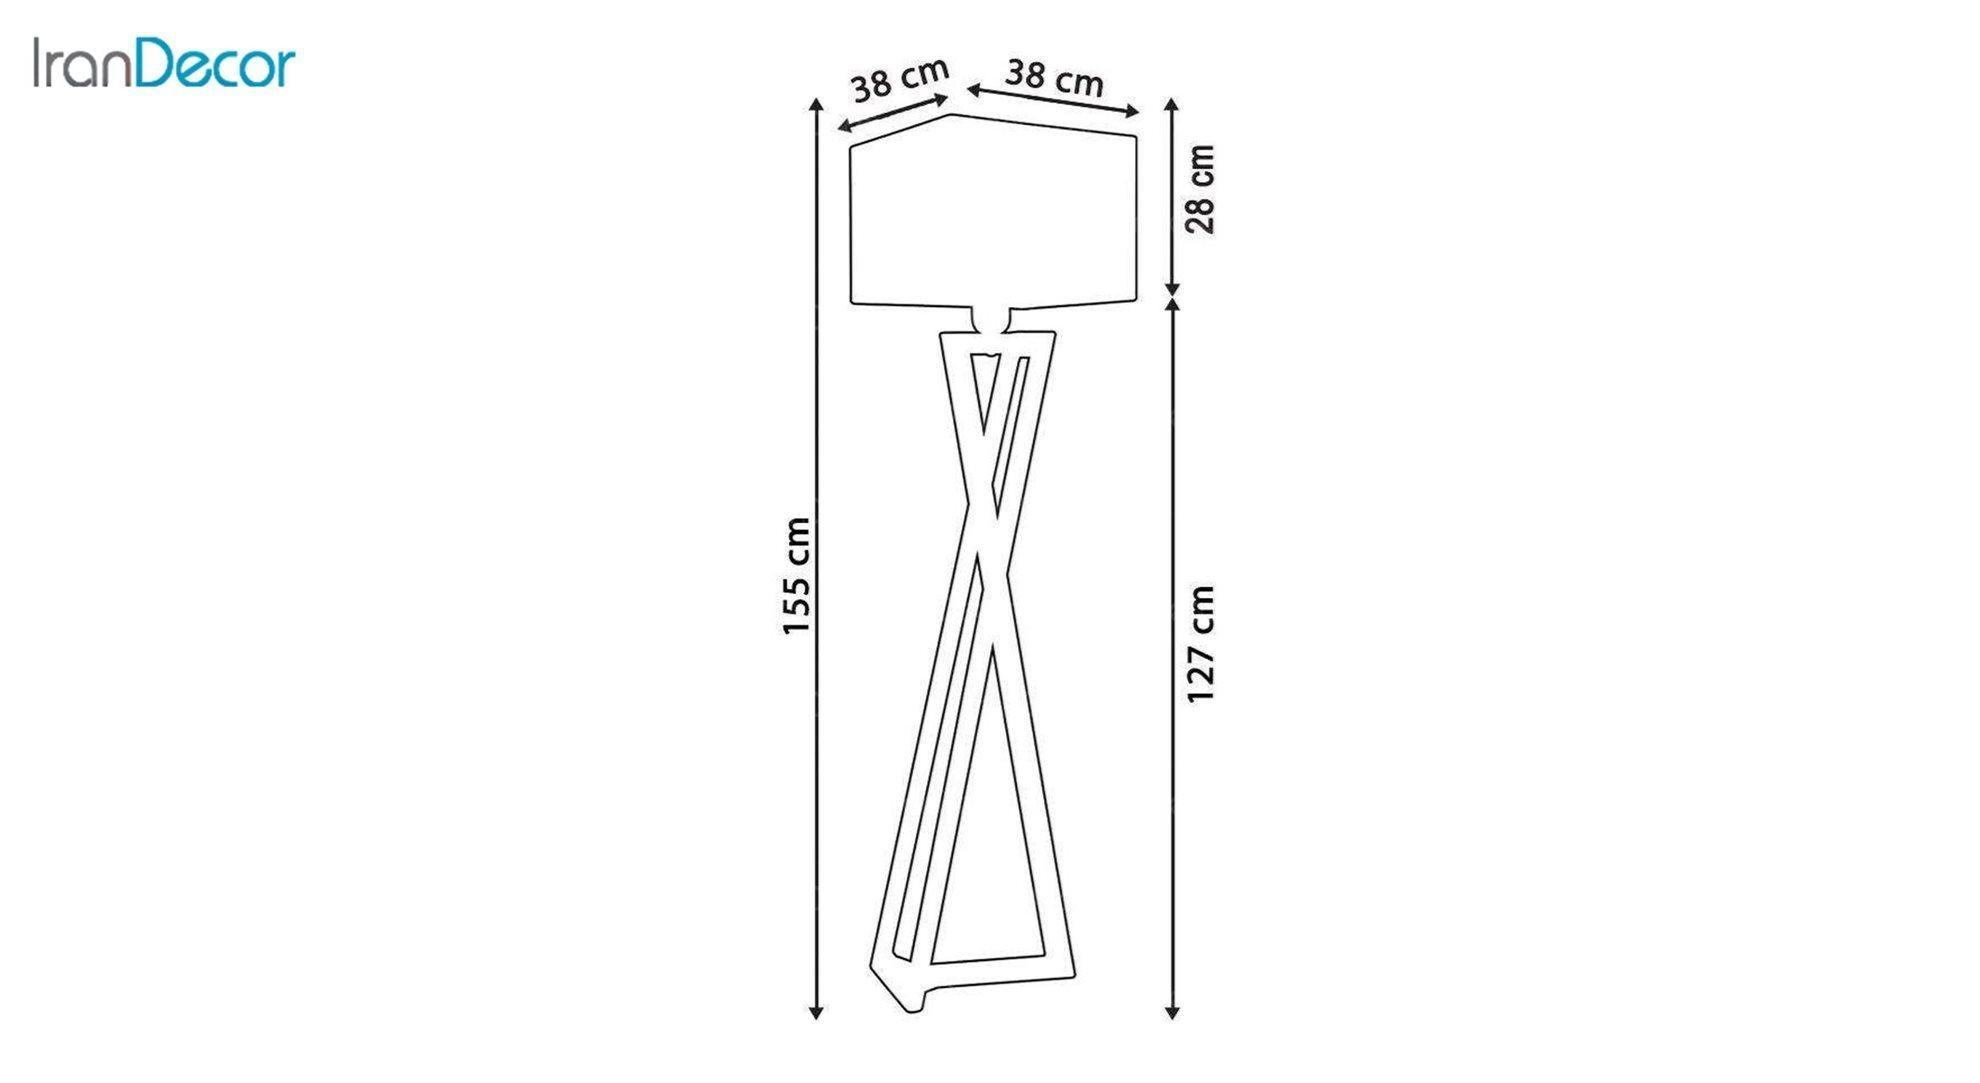 آباژور ایستاده چوبی مدل آرام ML7025/24 جزئیات